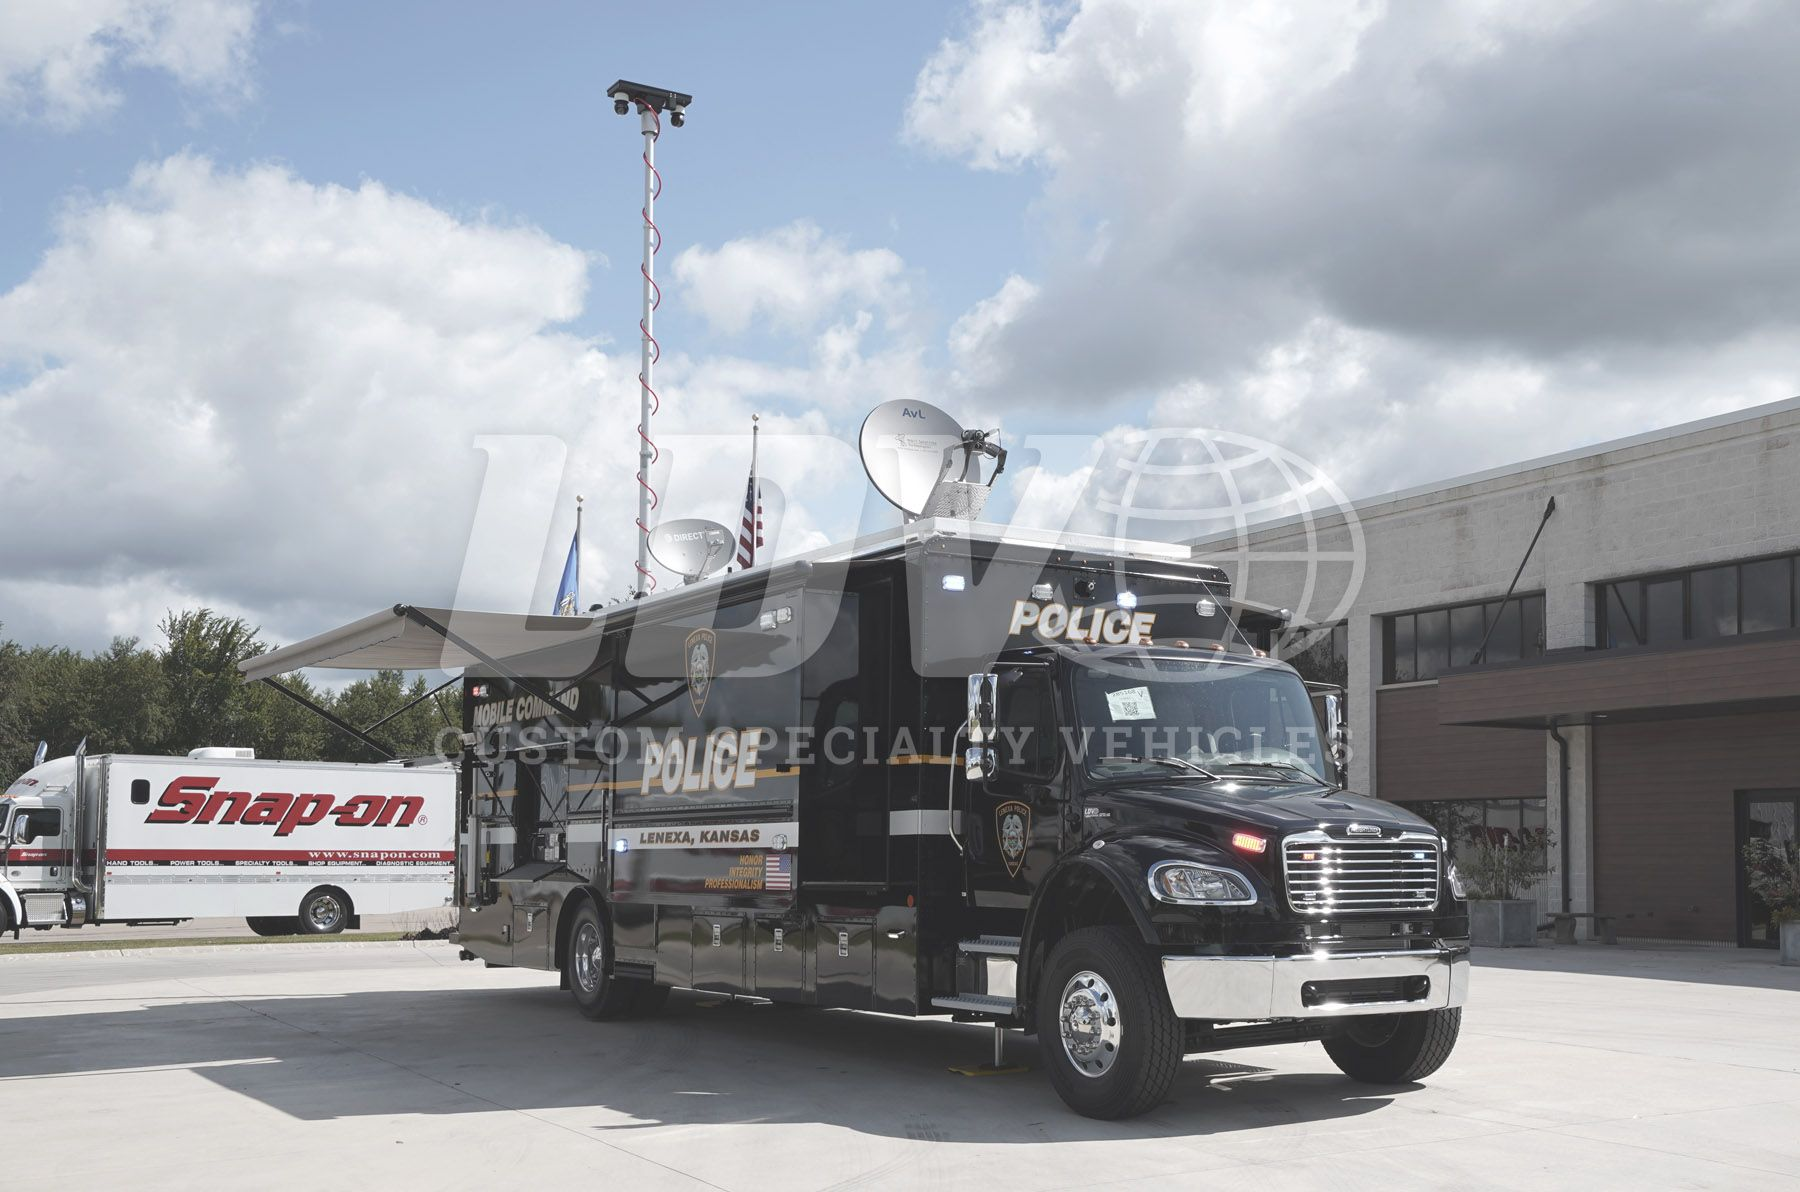 Lenexa Police Department Ks Mobile Command Center Mobile Command Center Wide Body Command Center